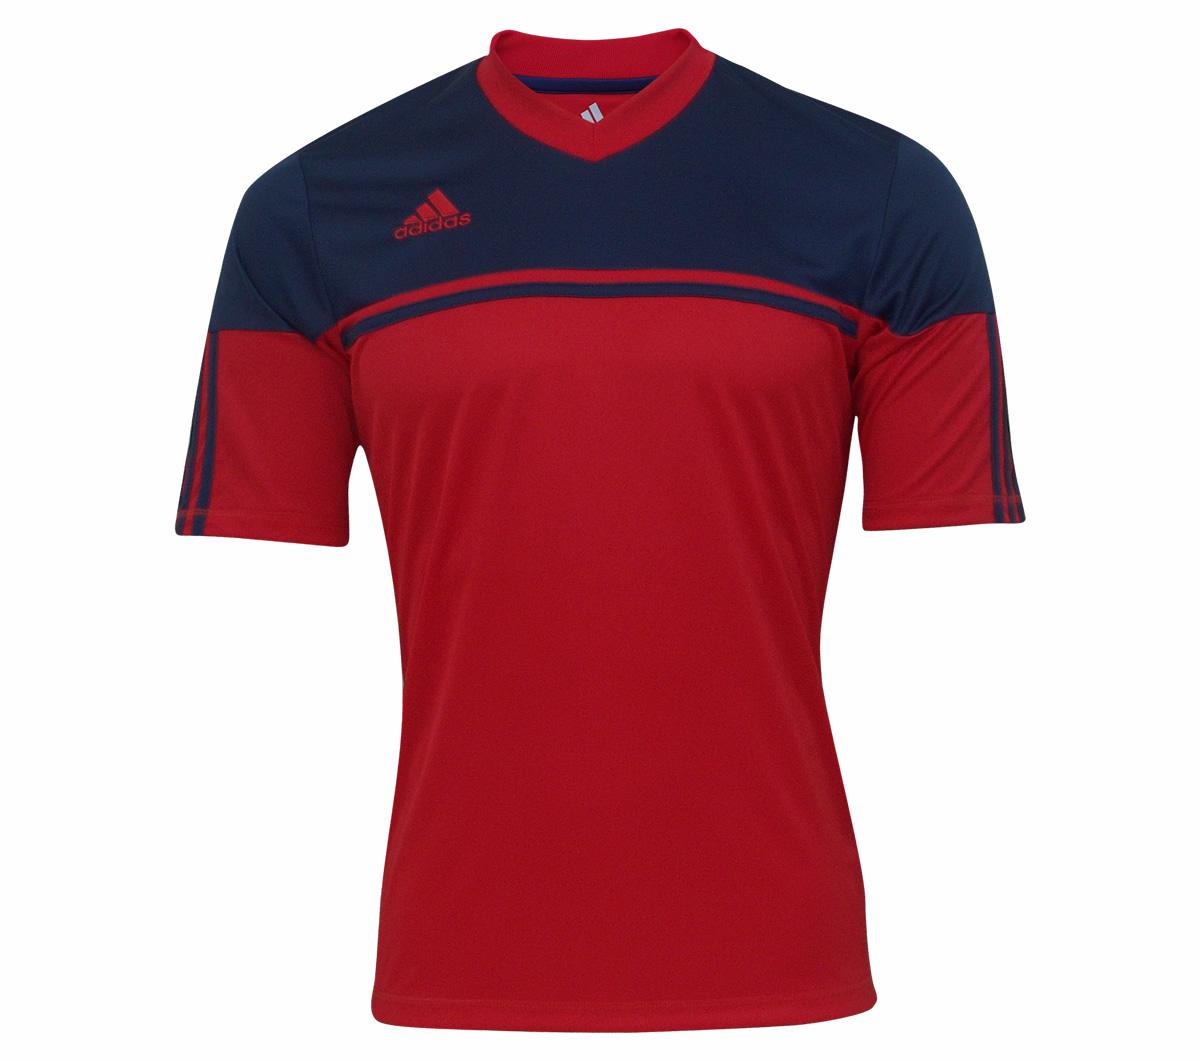 Camisa Adidas Autheno 12 Vermelha e Marinho - Mundo do Futebol e062f1e8d36b1